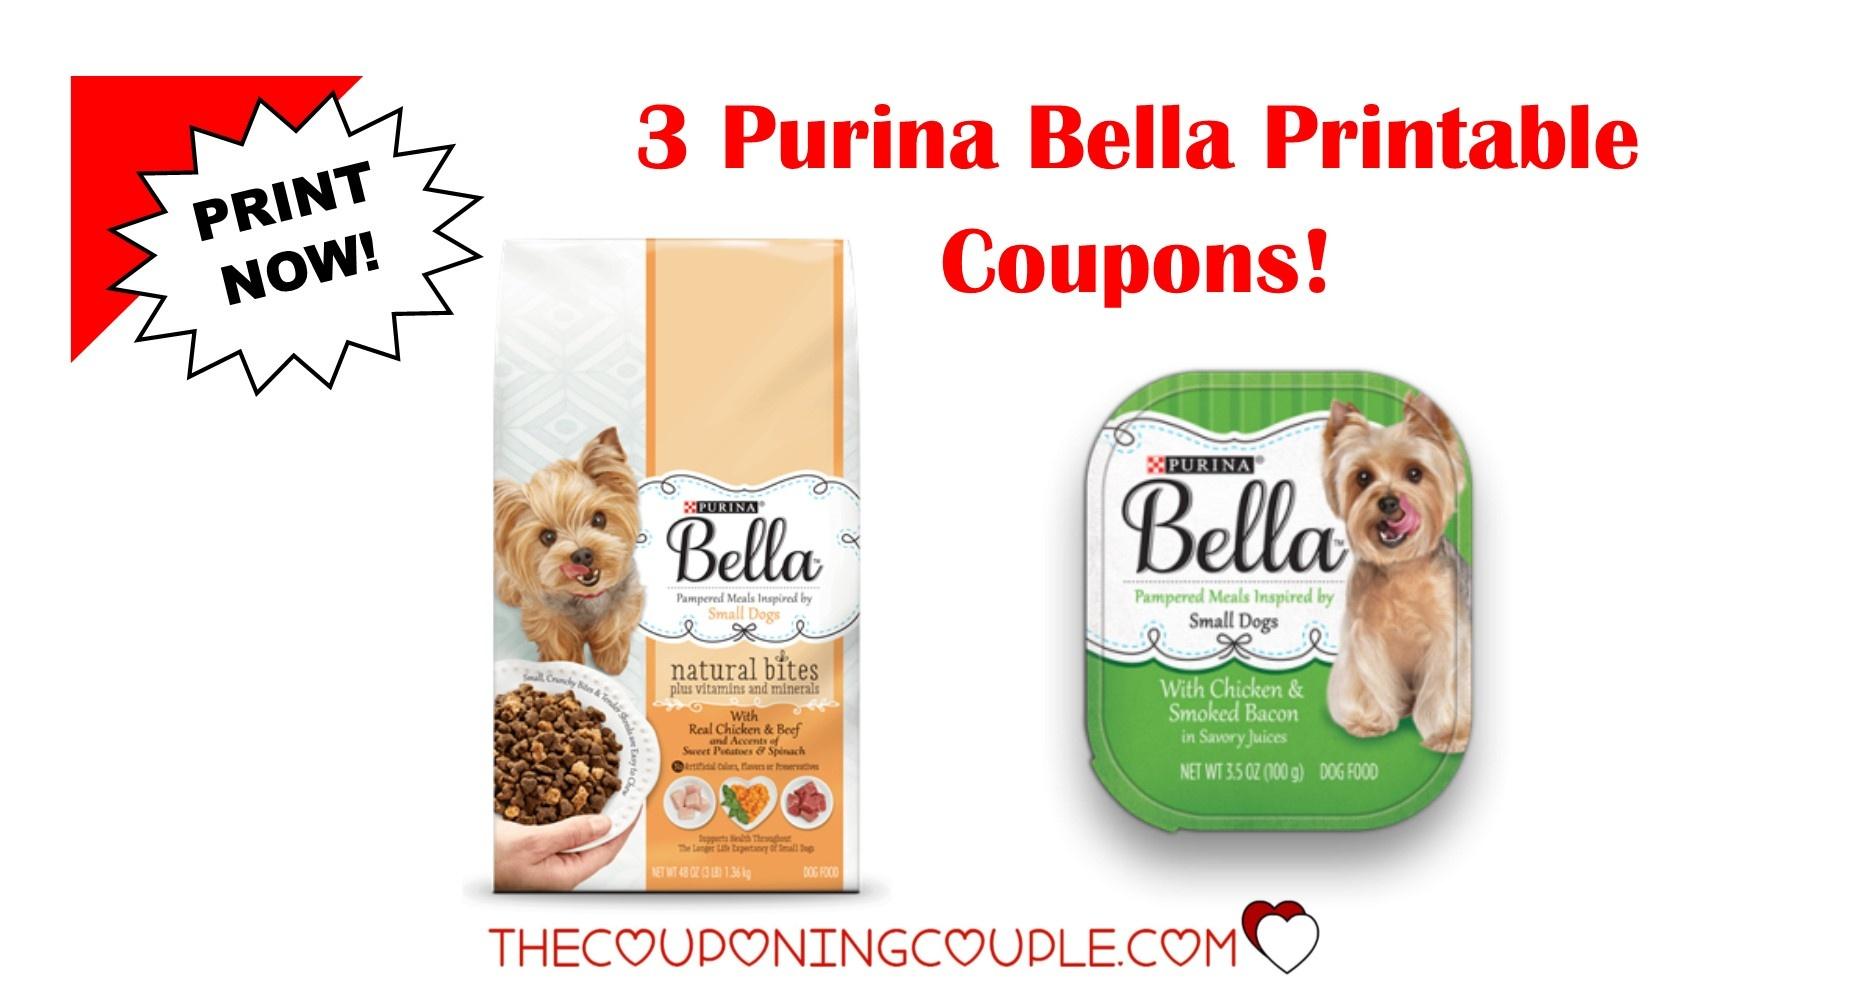 3 New Purina Bella Dog Food Printable Coupons ~ Print Now! - Free Printable Coupons For Food